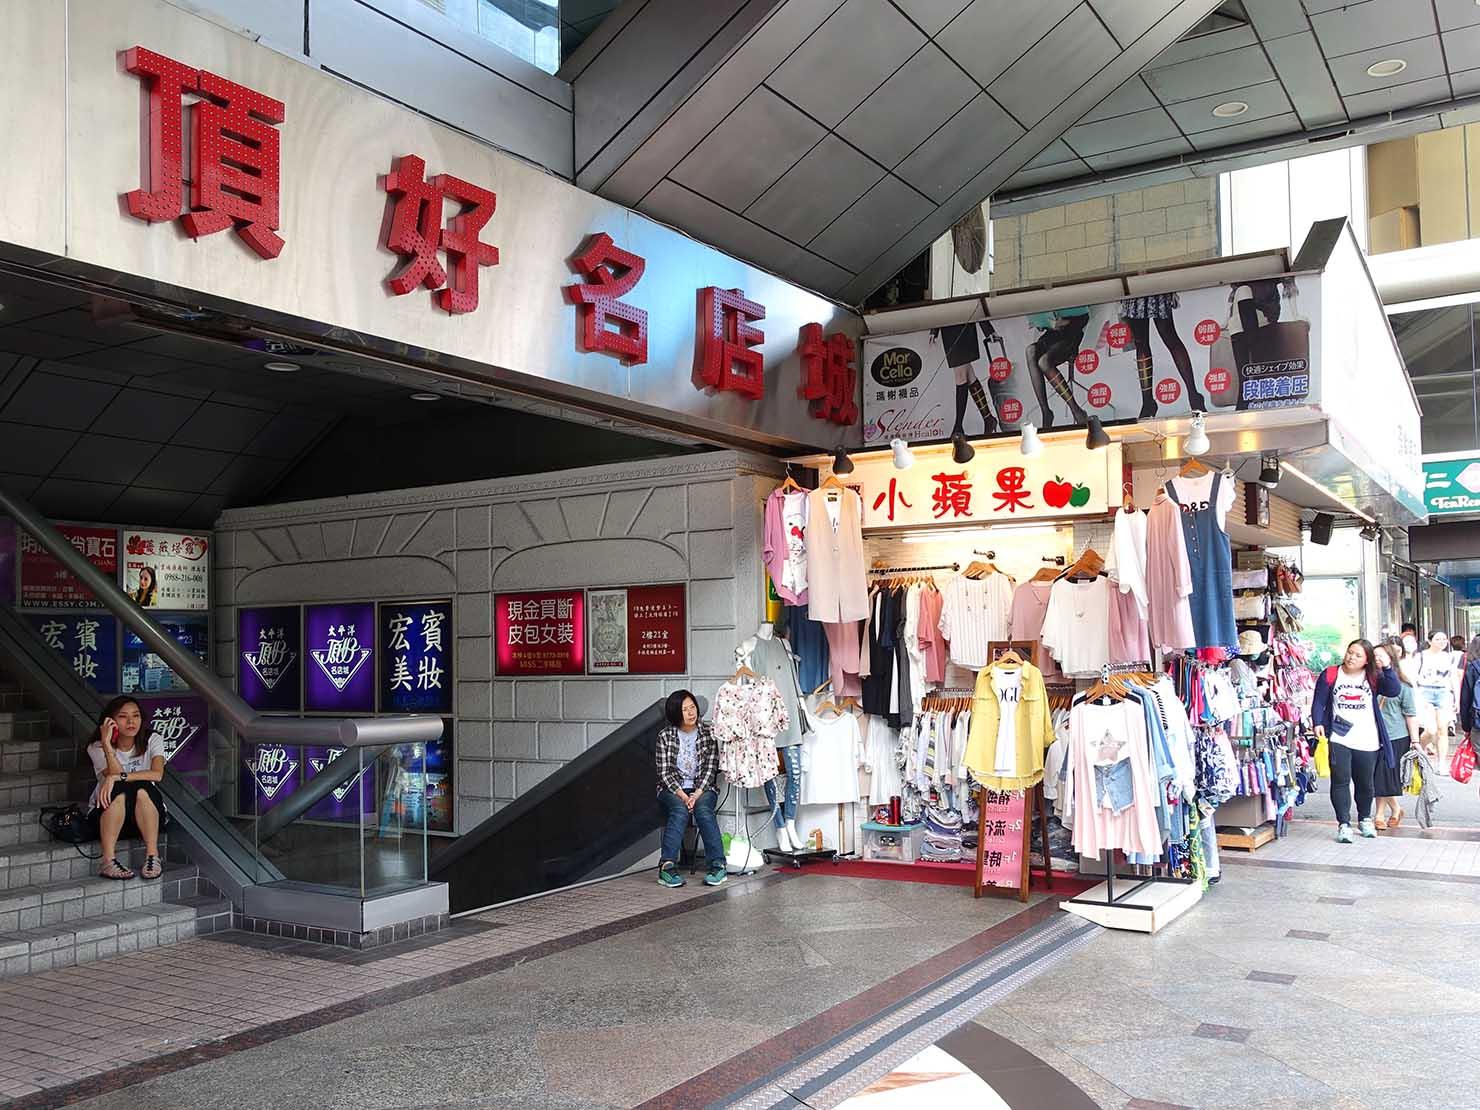 台北・忠孝敦化駅(東區)頂好名店城の入り口